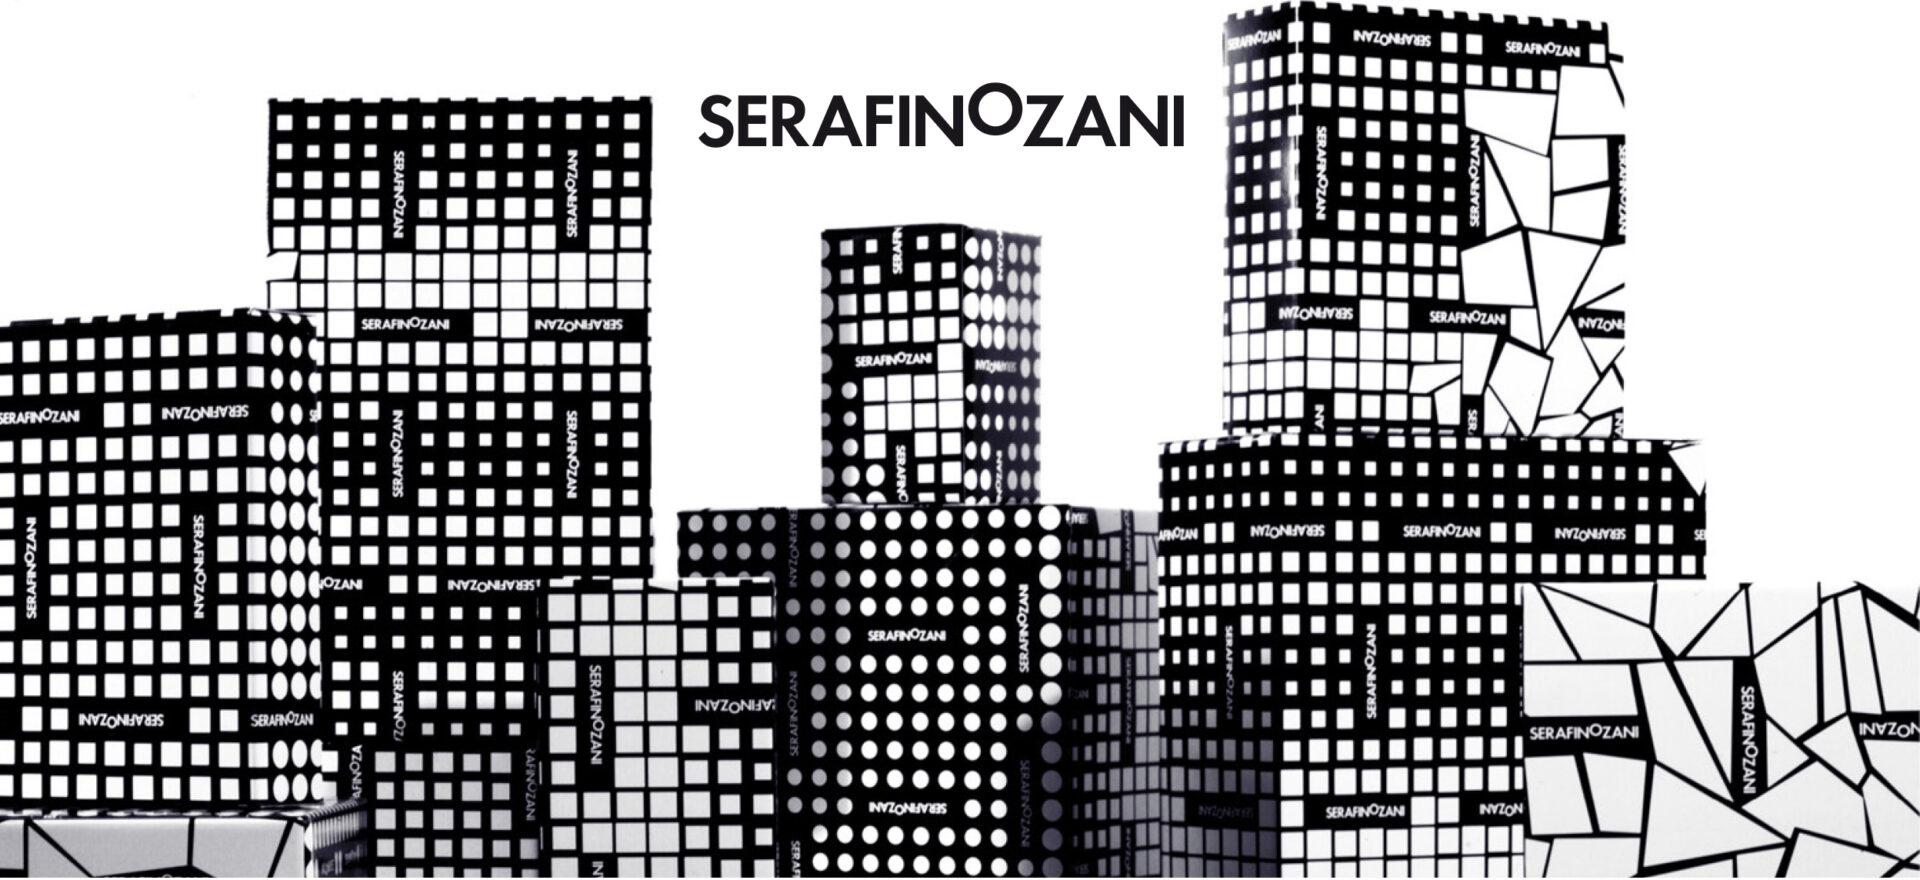 Packaging   Graphic Design   Branding   Serafino Zani   Mario Trimarchi Design   Fragile